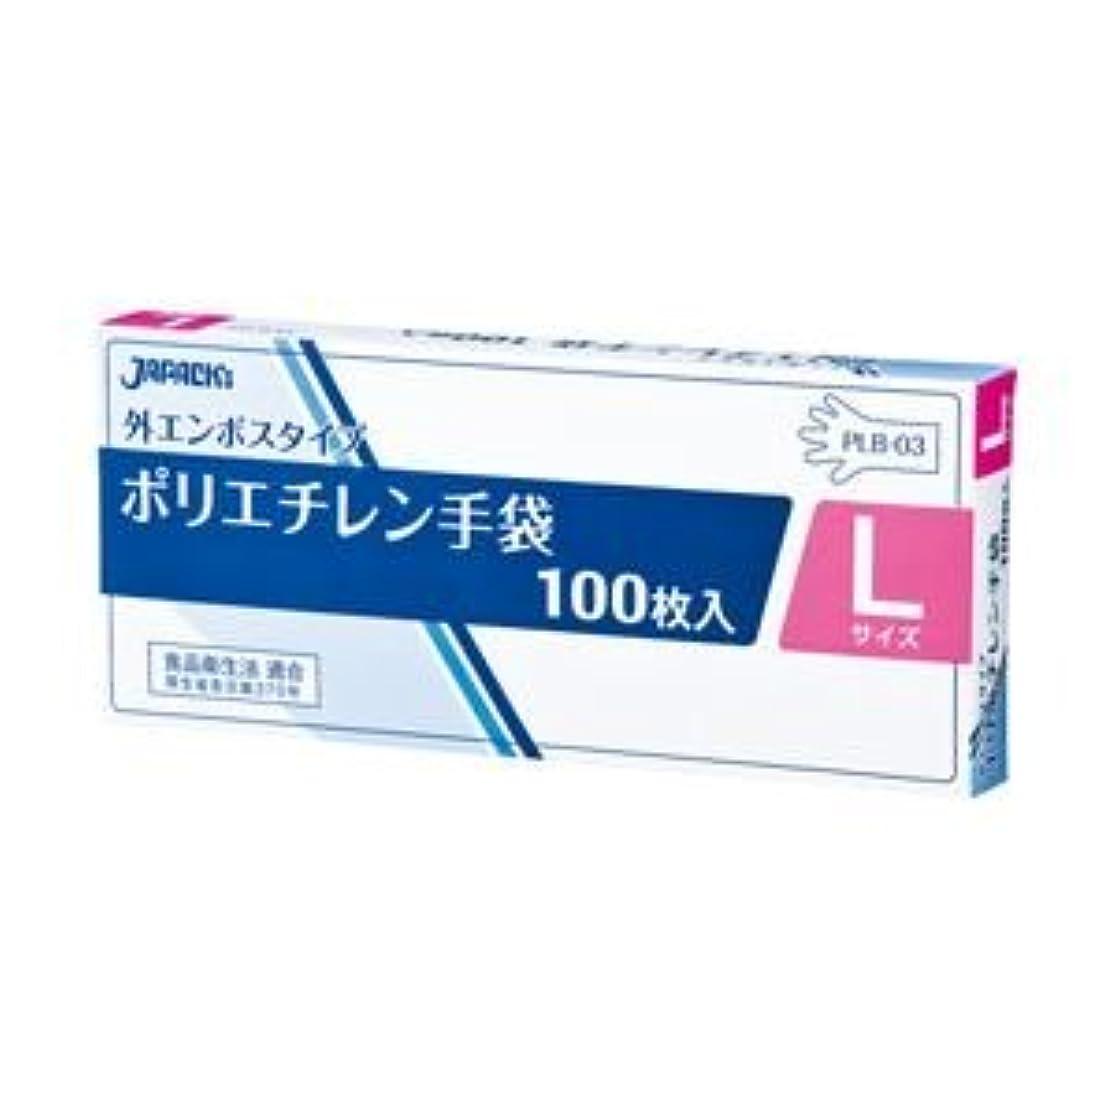 シャッフル弱点ワインジャパックス LDポリエチレン手袋 L 1箱(100枚) ×20セット